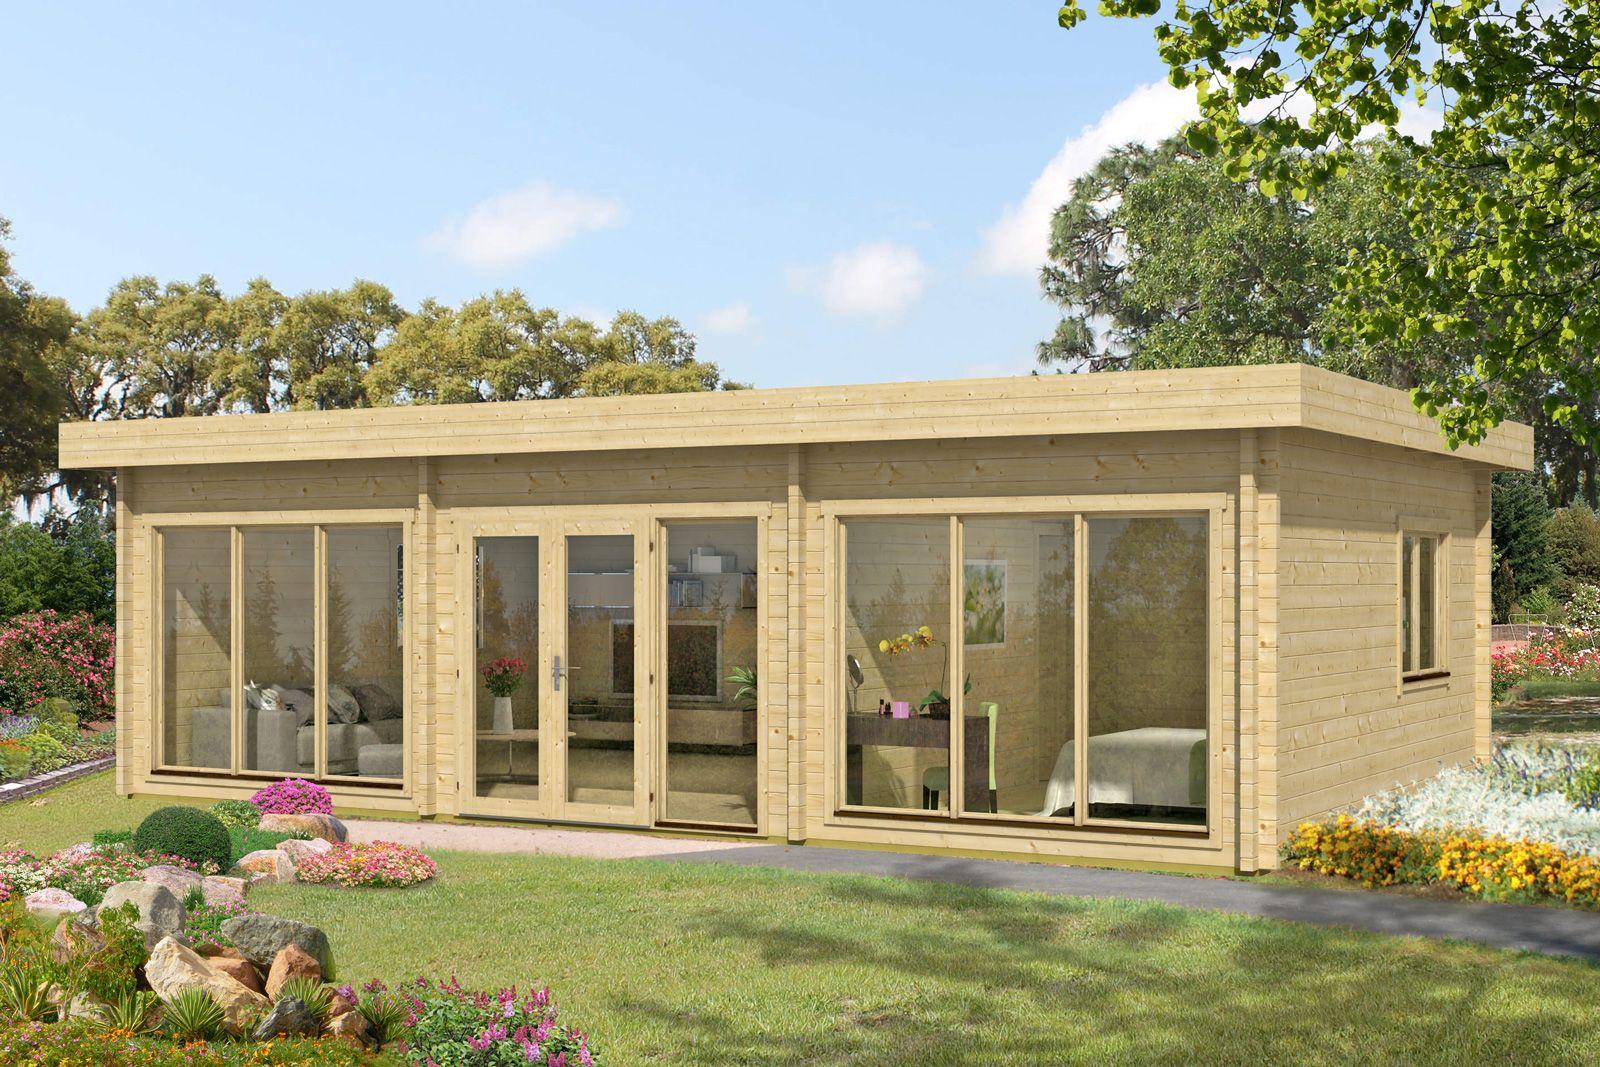 Gartenhaus Modell Campus70 Gartenhaus, Haus und